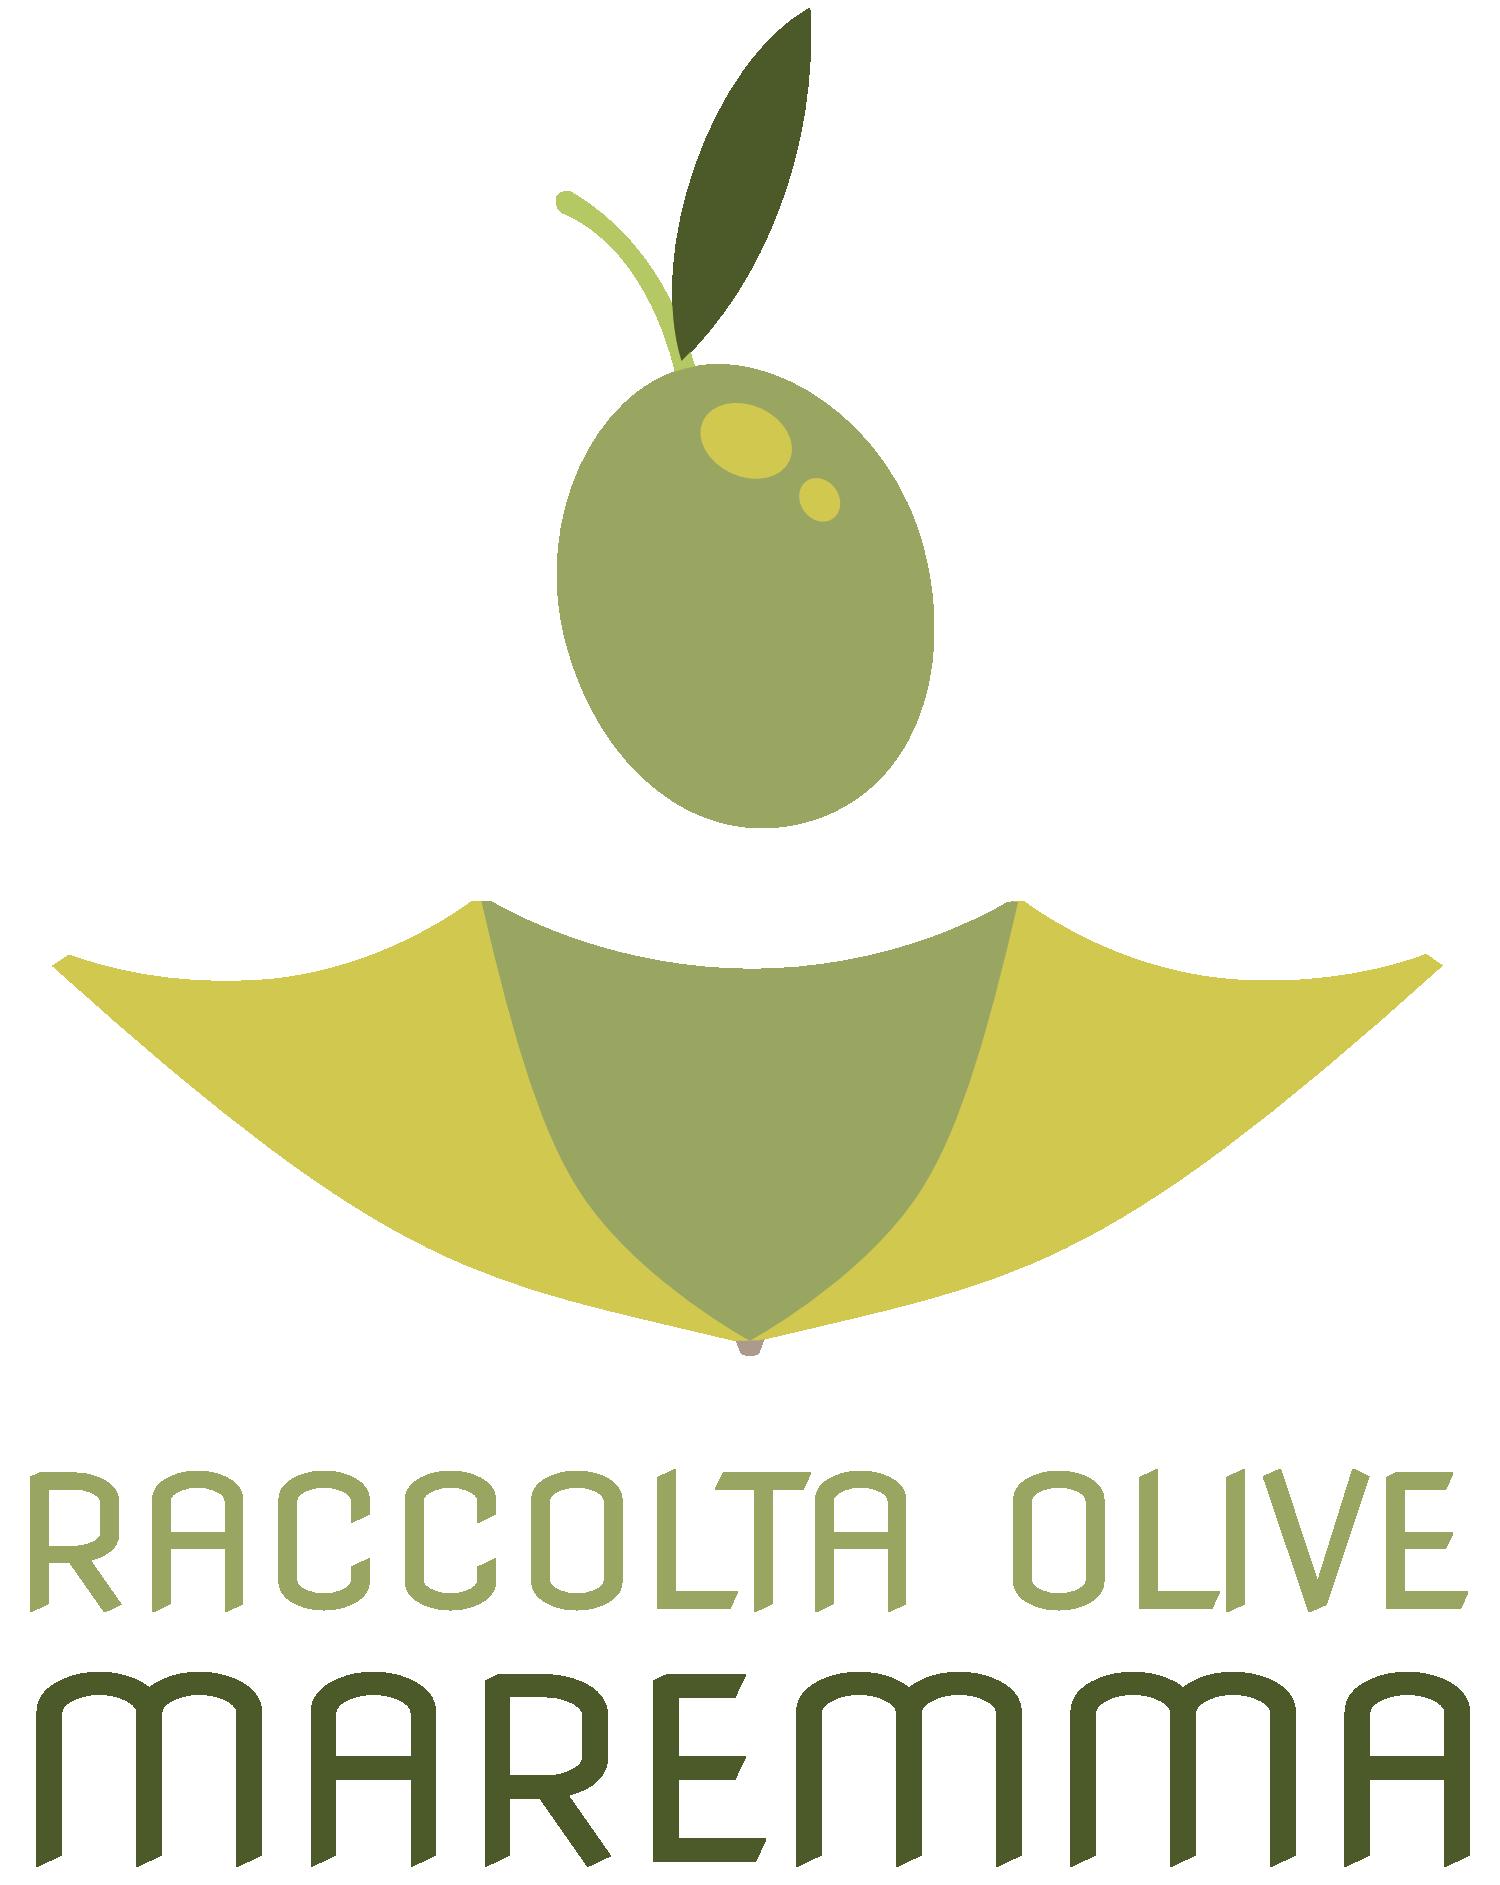 Raccolta Olive in Maremma